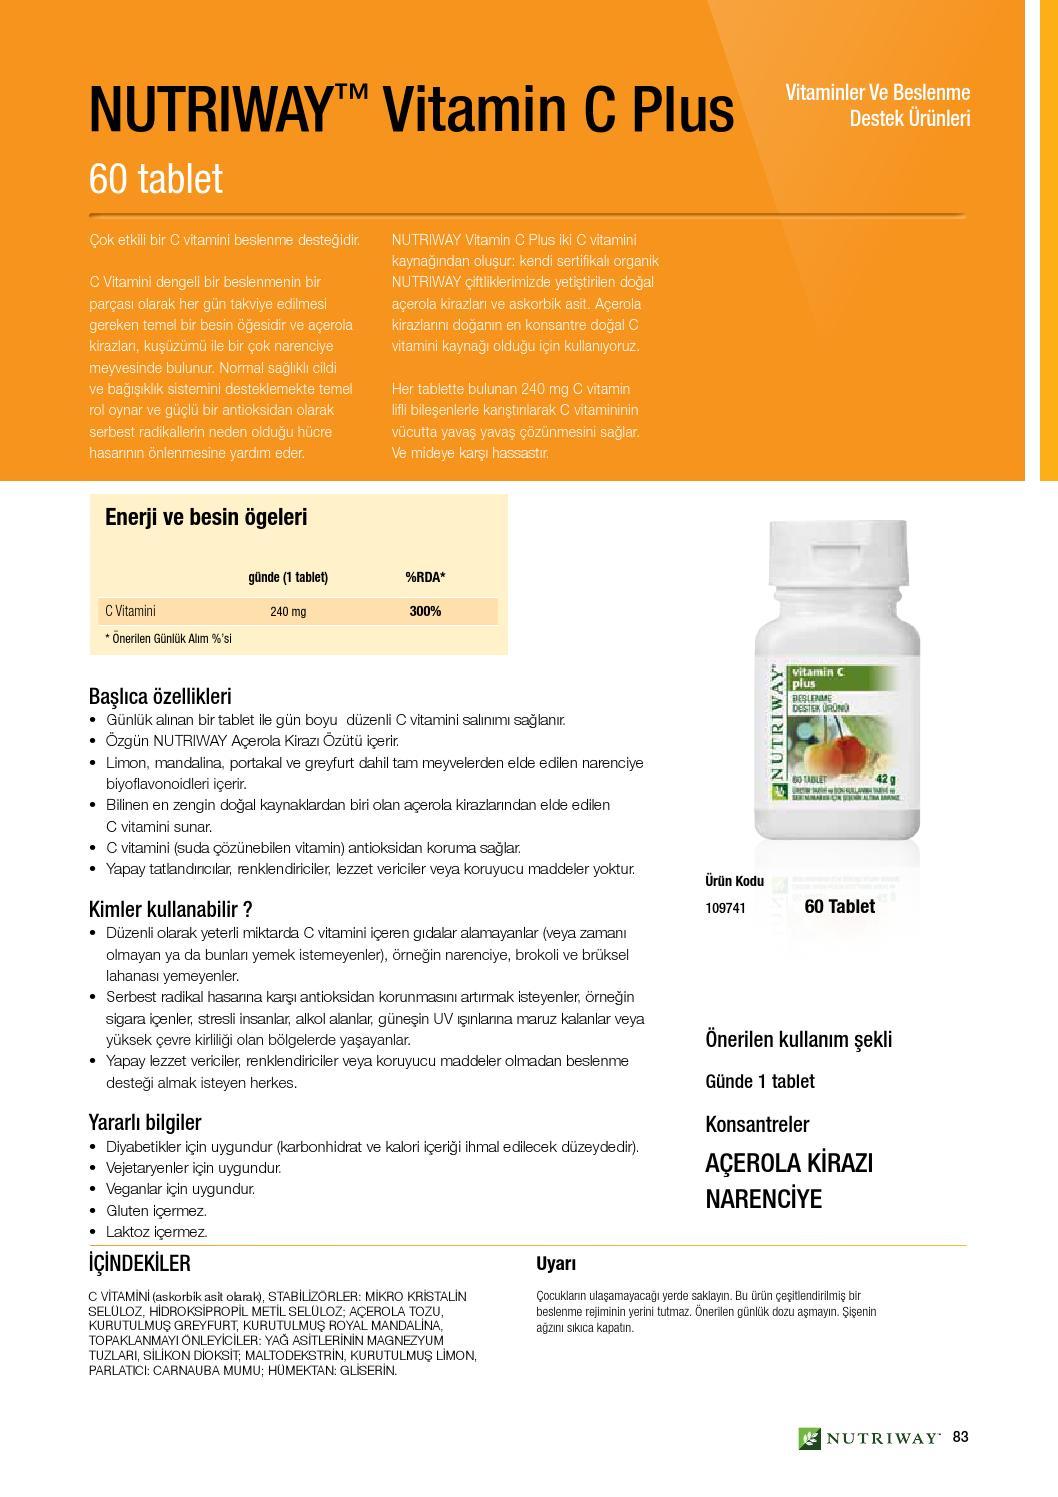 Antioksidan Vitaminler ve Kaynakları